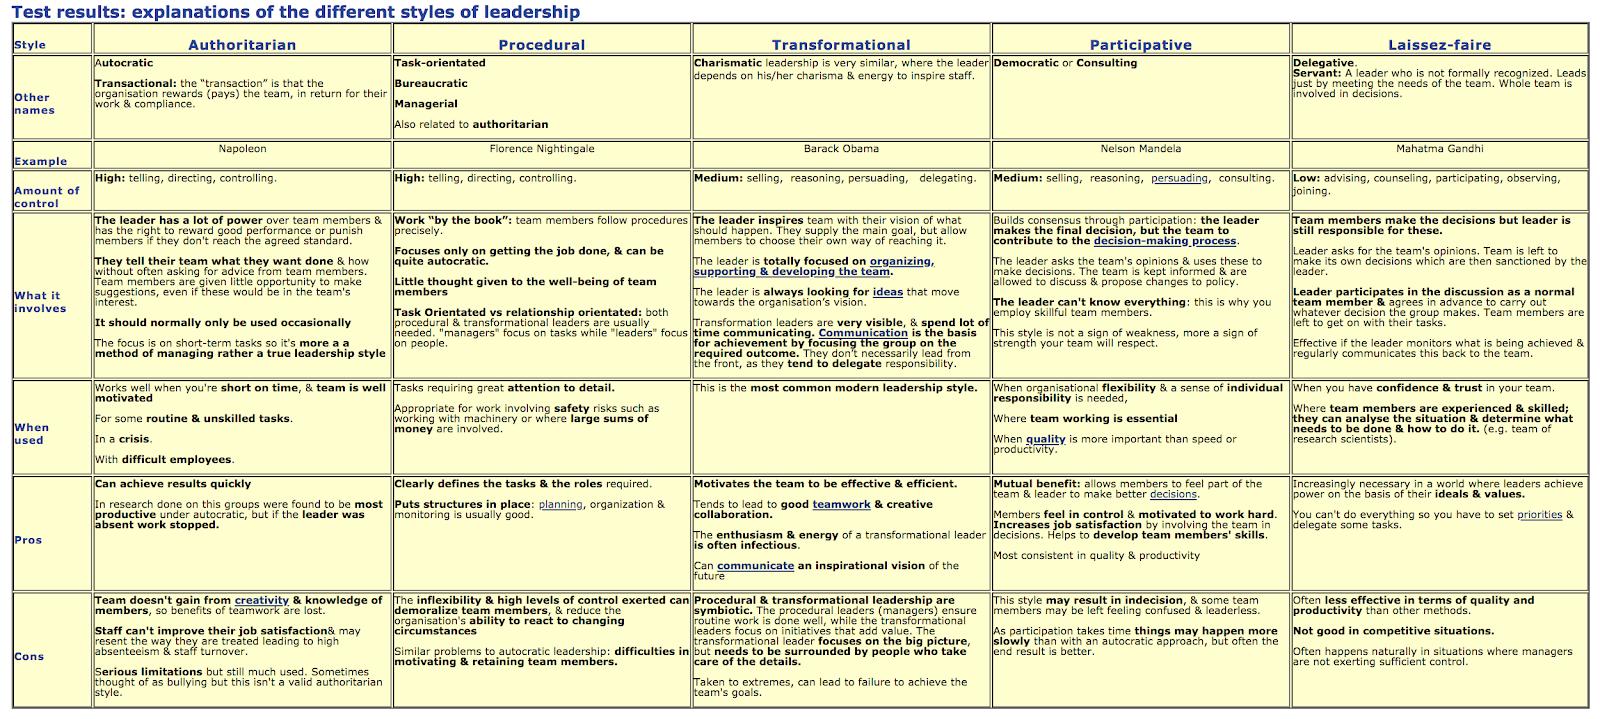 Week 6 Mind Lab - Leadership Theories, Styles and Attributes